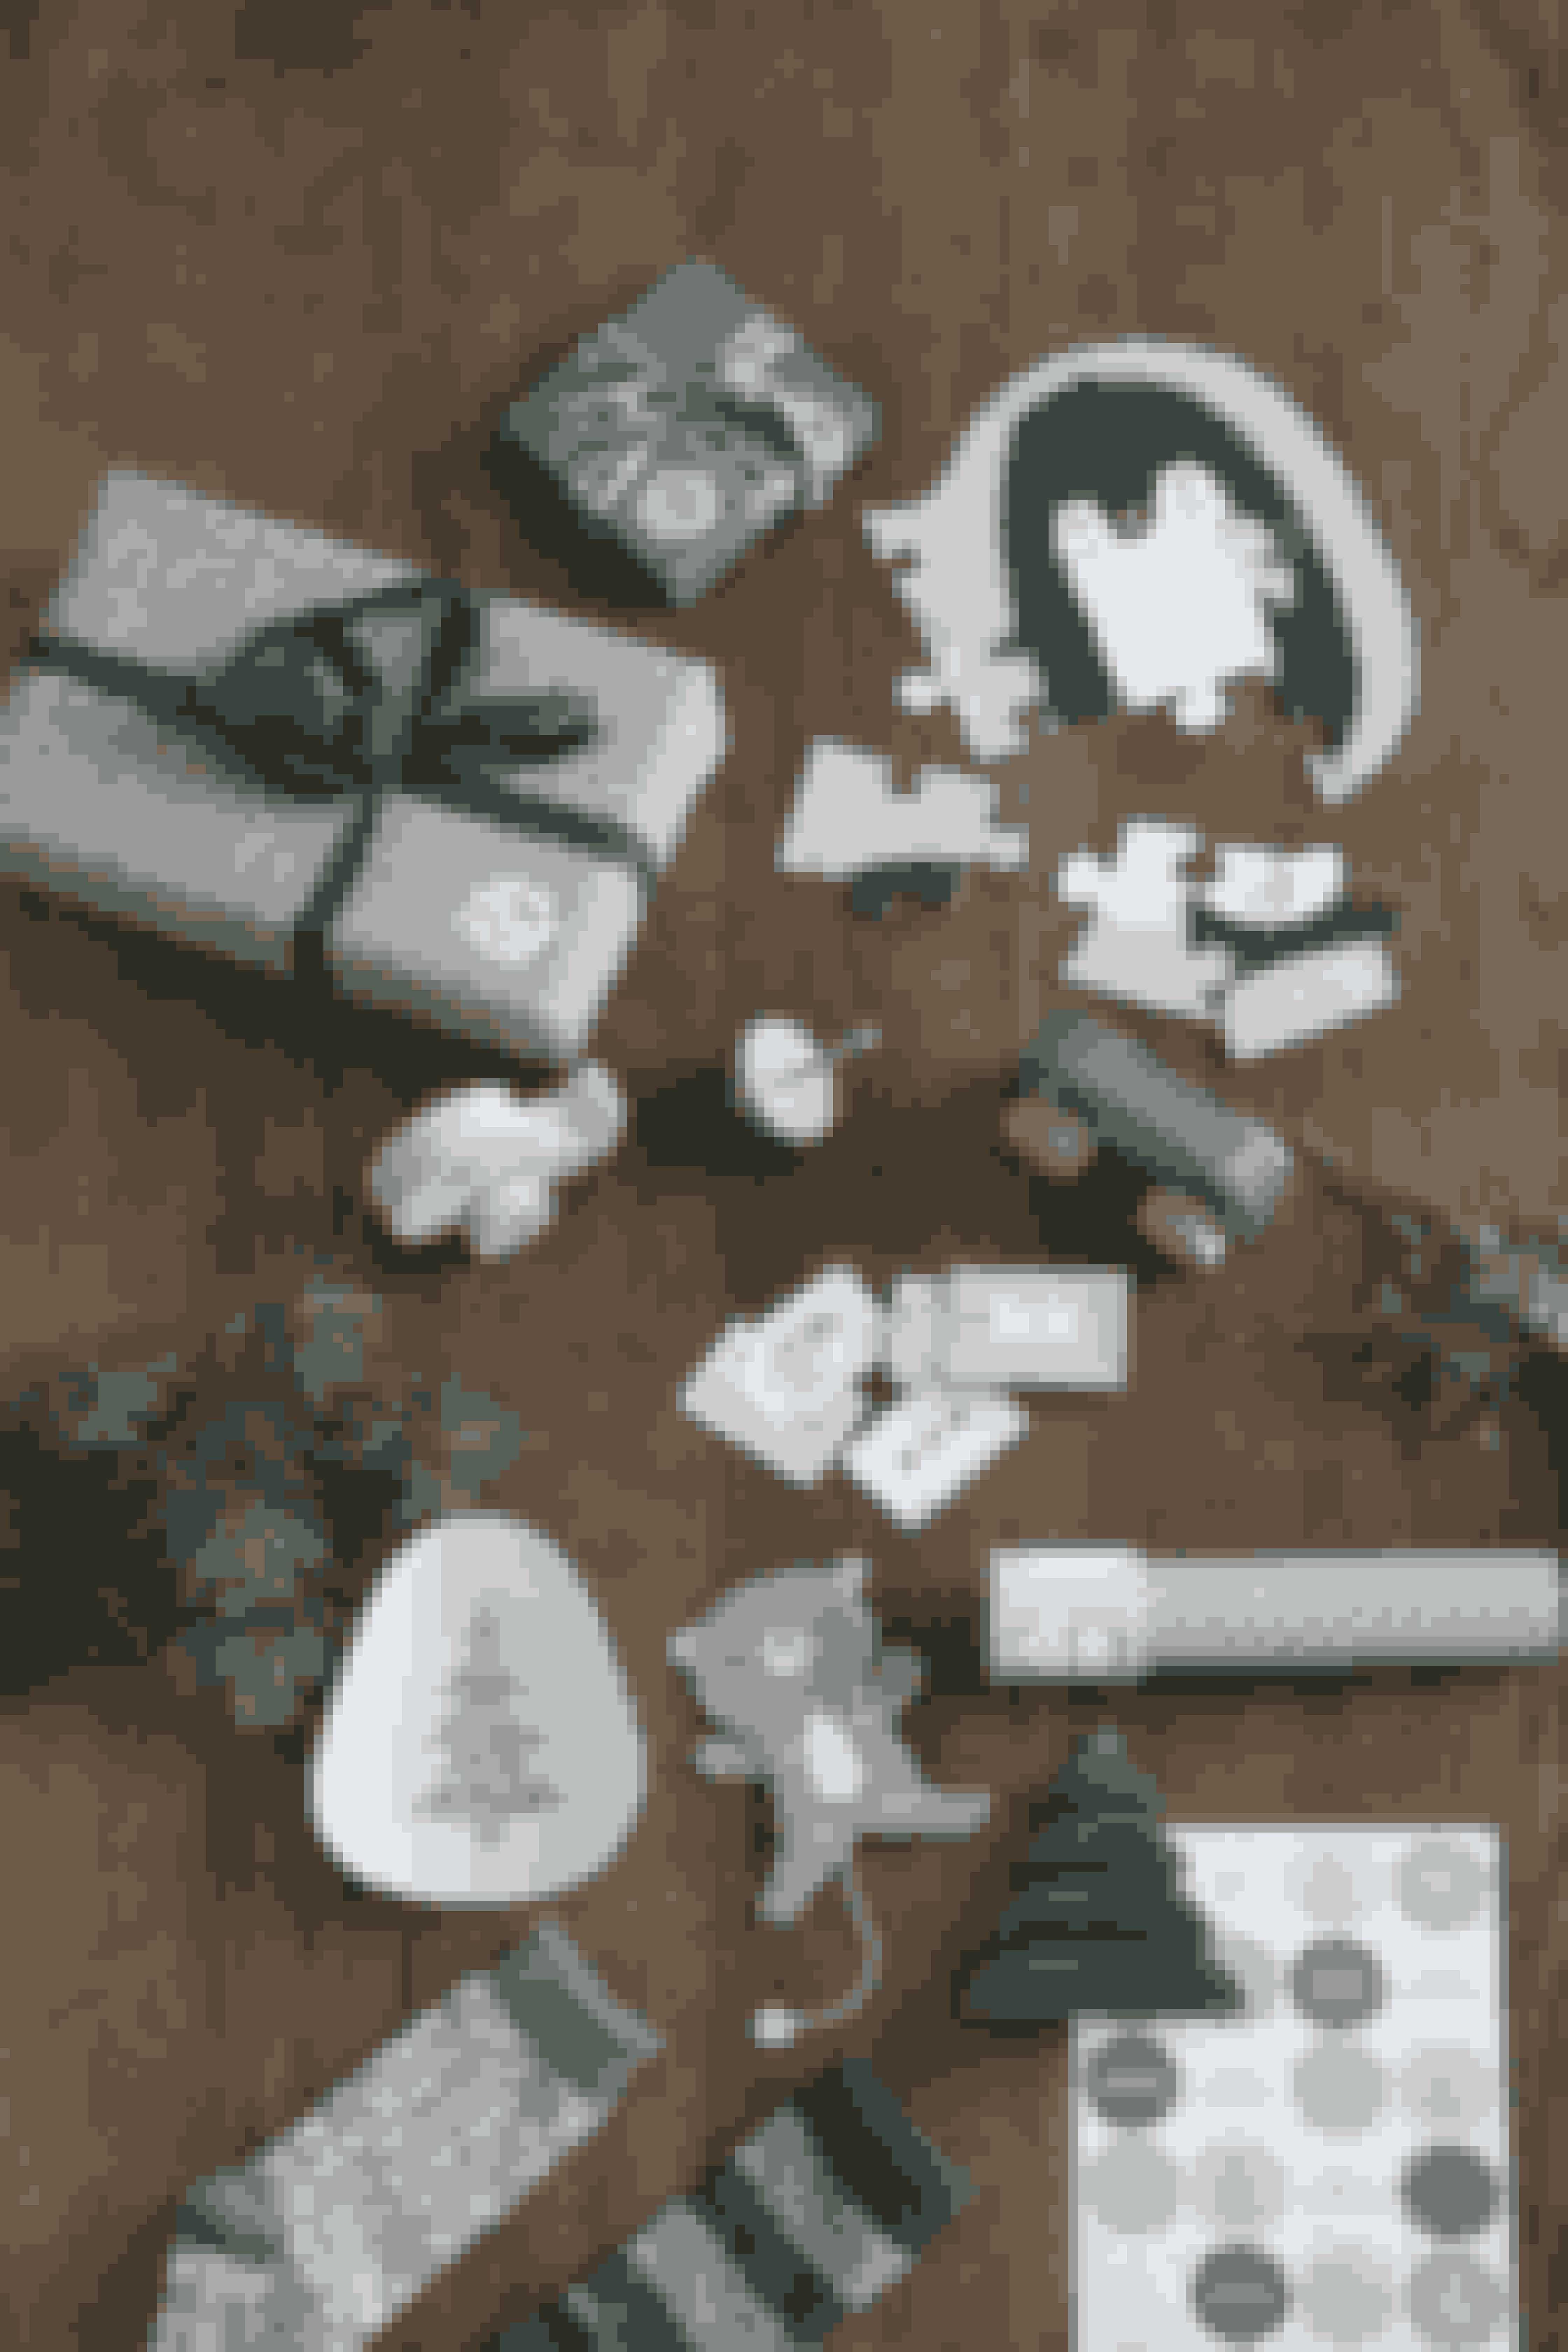 Det bliver ikke svært, at lave pakkekalender denne jul. Julekollektionen indeholder også alt, hvad hjertet begærer af nuttet legetøj.Puslespil, flere varianter. Pris: 19,90 kr.Snorretop, fire designs. Pris: 4,98 kr.Biler, fire designs. Pris: 14,90 kr.Kort, to varianter. Pris: 4,98 kr.Kaleidioskop, tre farver. Pris: 14,40 kr.Skål i bambus, tre designs. Pris: 9,80 kr.Klistermærker, fire designs. Pris: 6,88 kr.Sprællemand, fire farver. Pris: 6,90 kr.